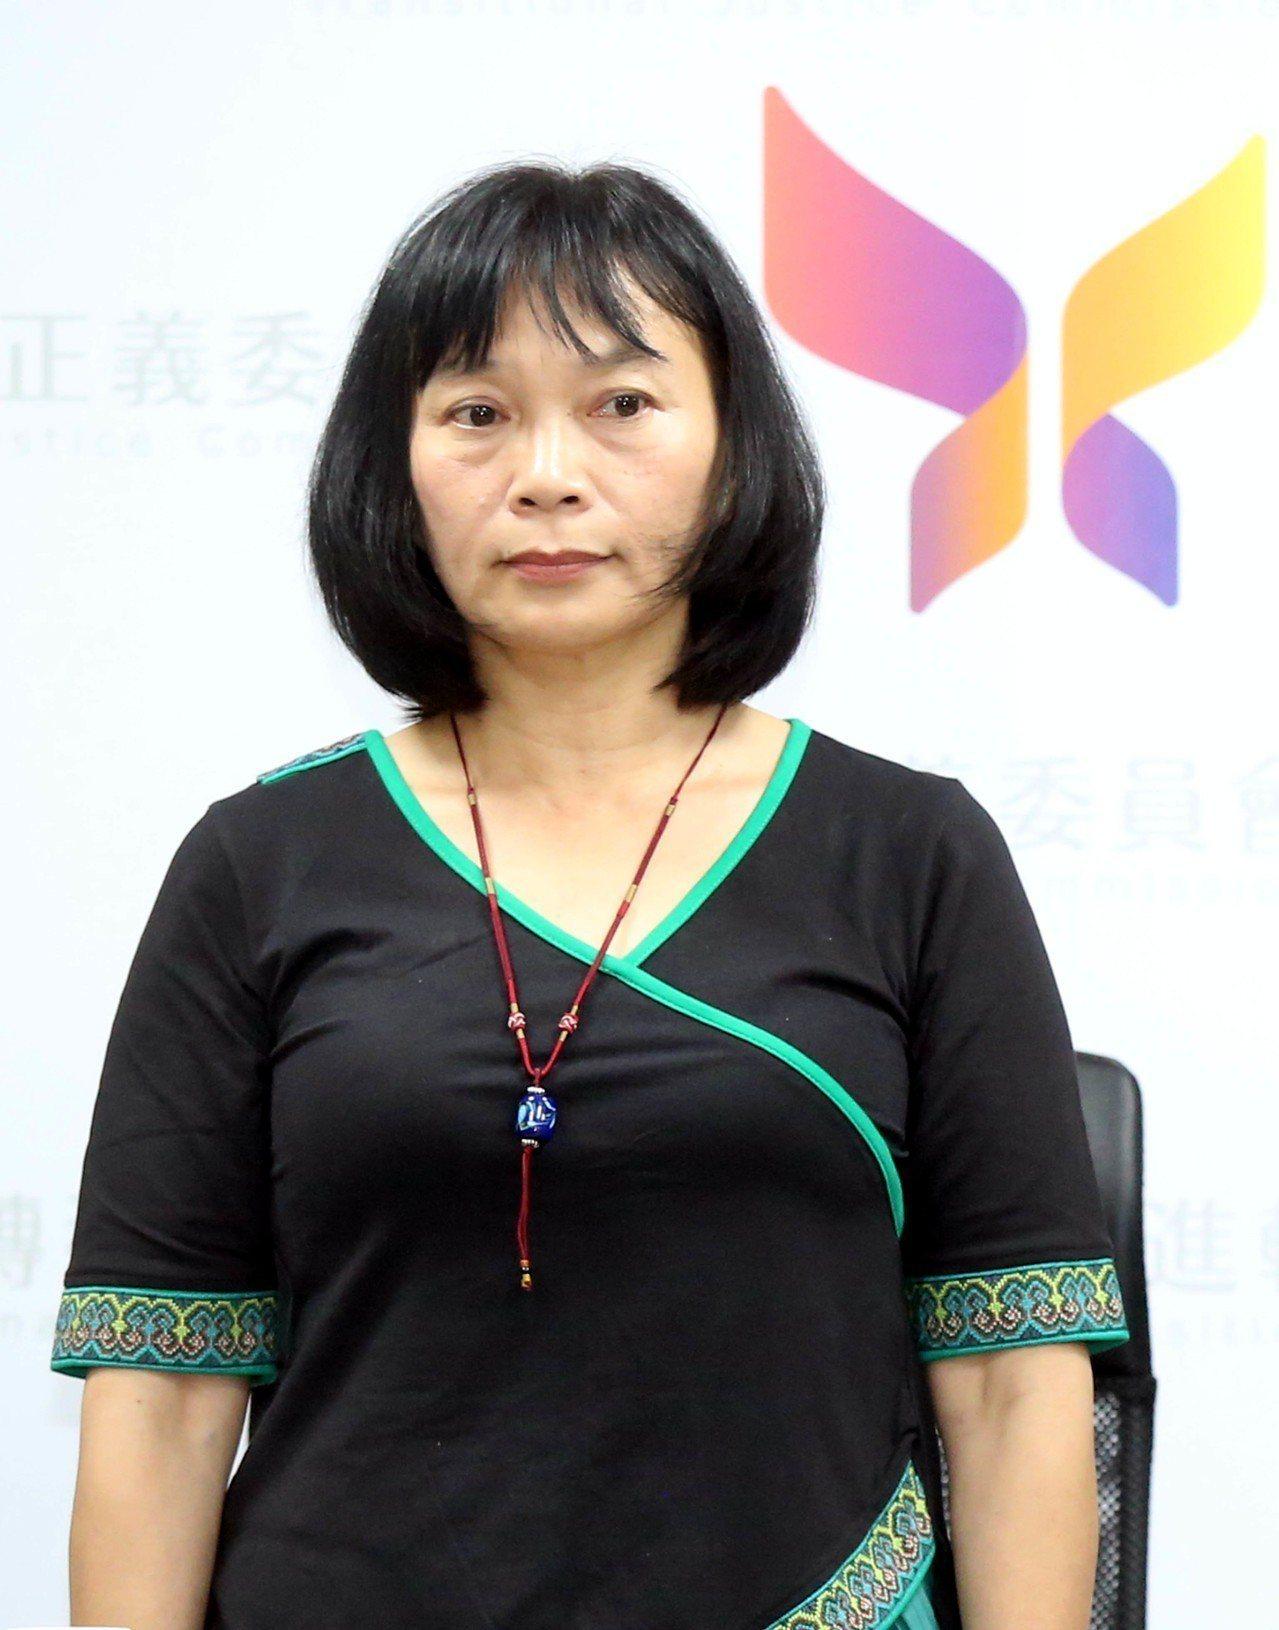 促轉會專任委員楊翠出任代理主委。 圖/聯合報系資料照片